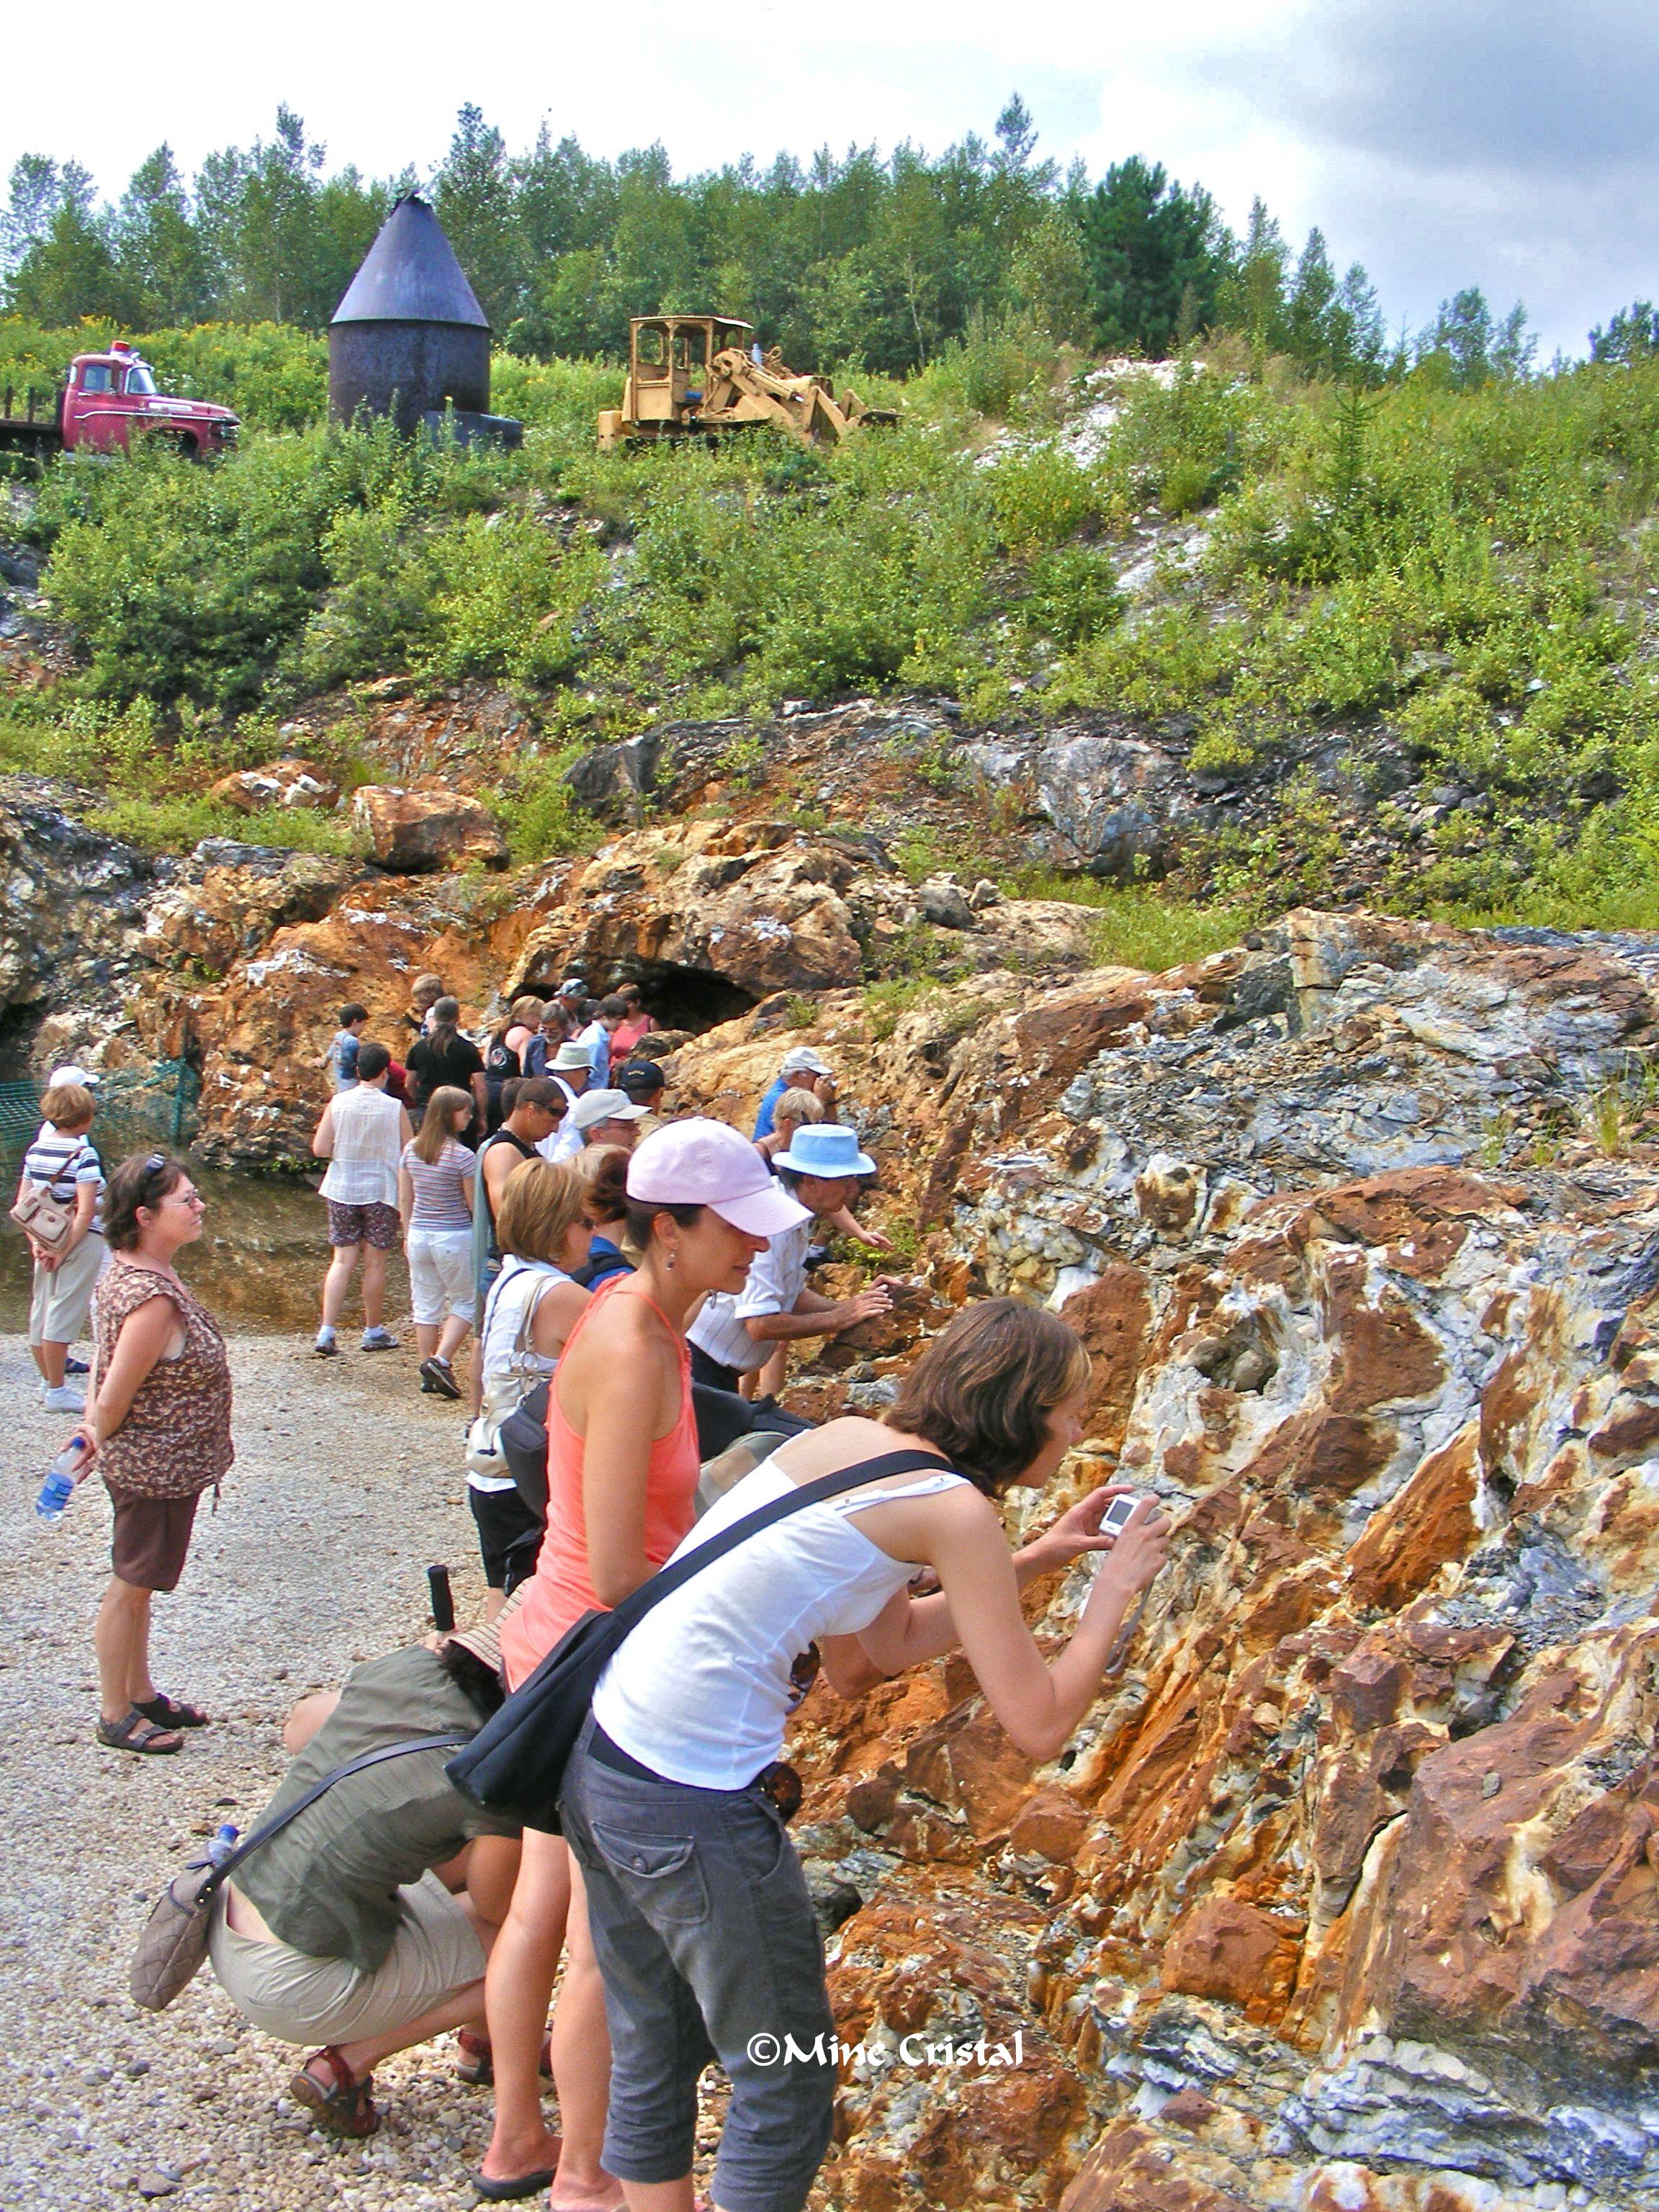 Les visiteurs ont découvert une veine de quartz géante, avec des cristaux jaillissant ici et là dans les fissures et les cavités de la veine.